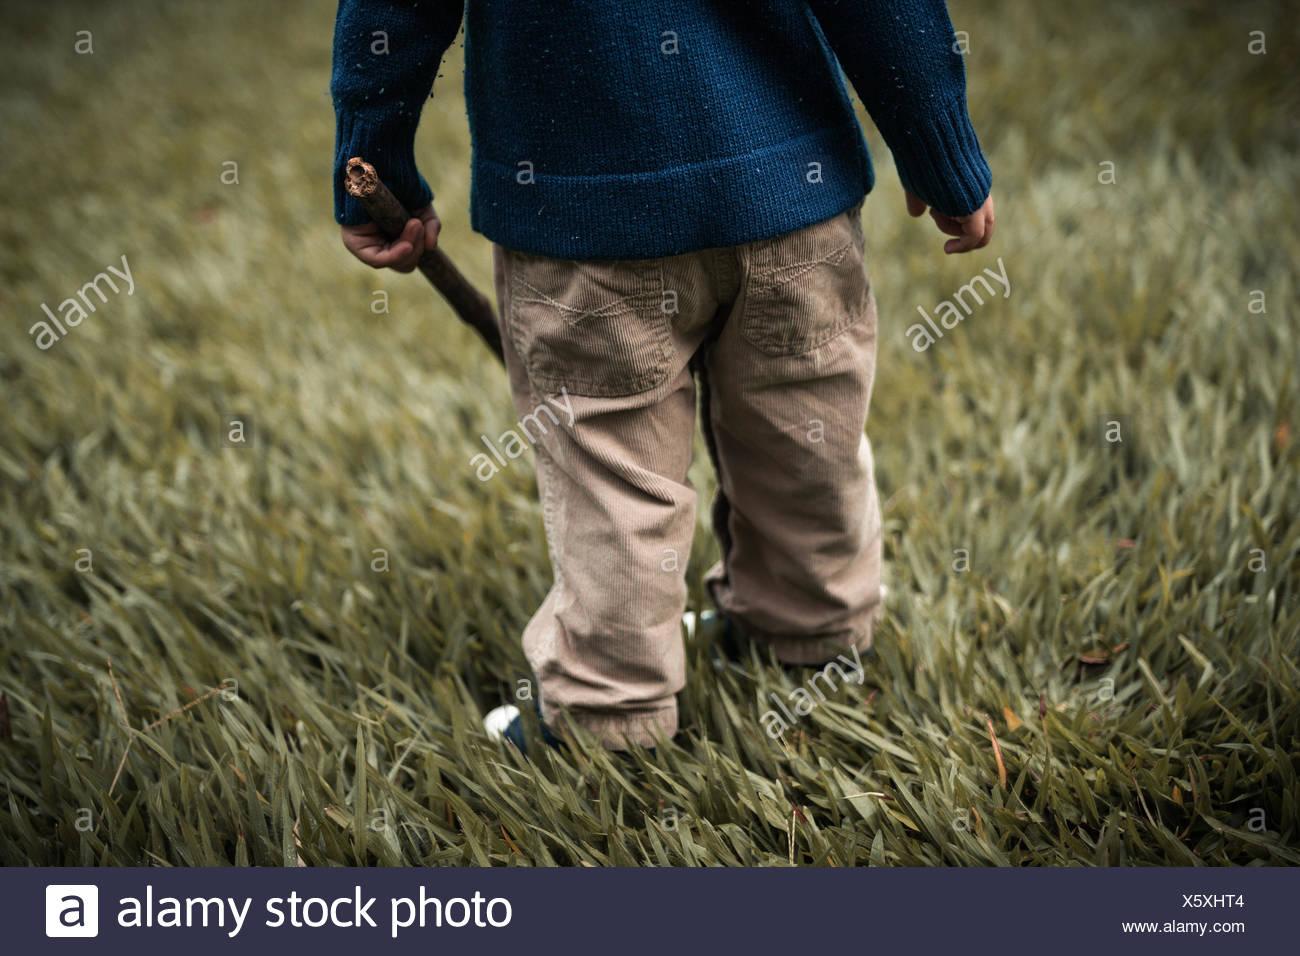 Niedrige Abschnitt eines Kleinkindes stehen im Feld mit einem Holzstab Stockbild